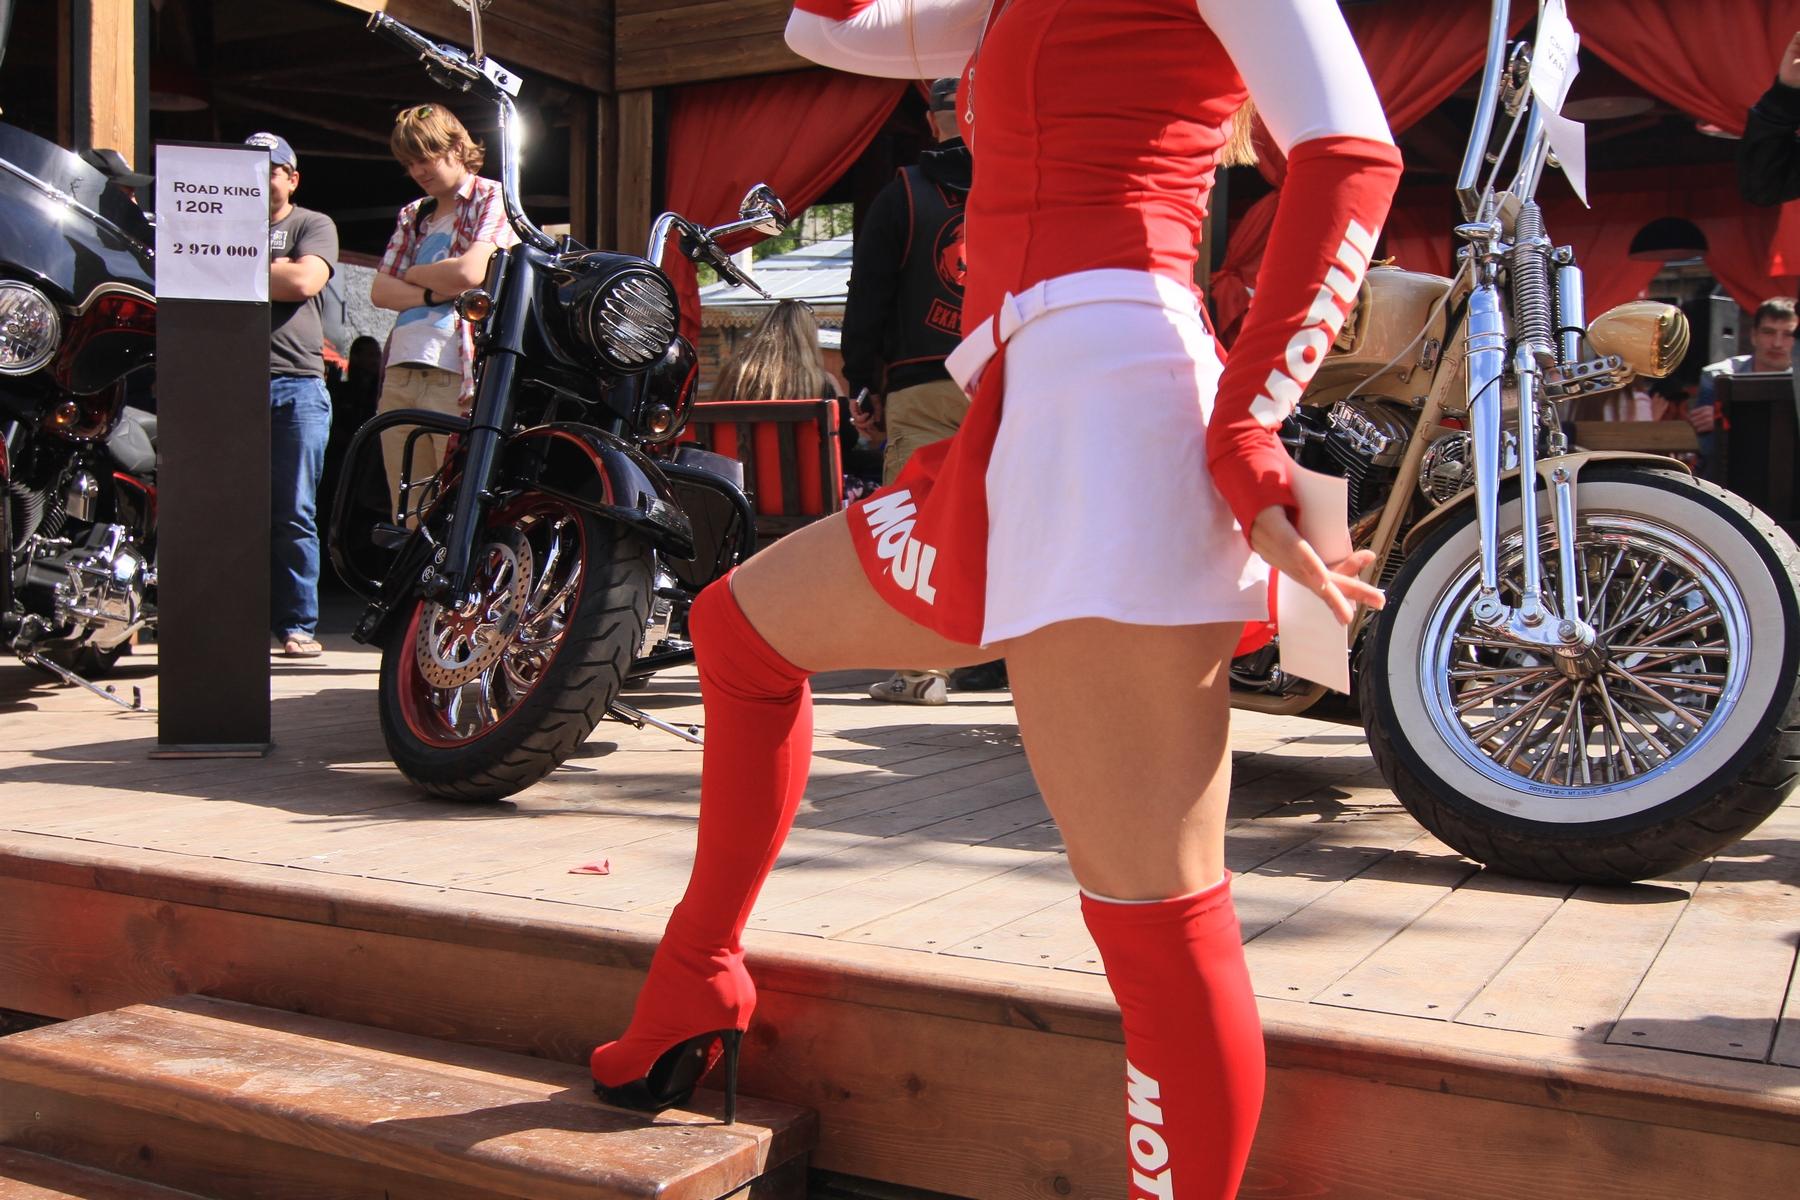 В тесноте, но не в обиде: в Екатеринбурге прошла выставка кастом-байков